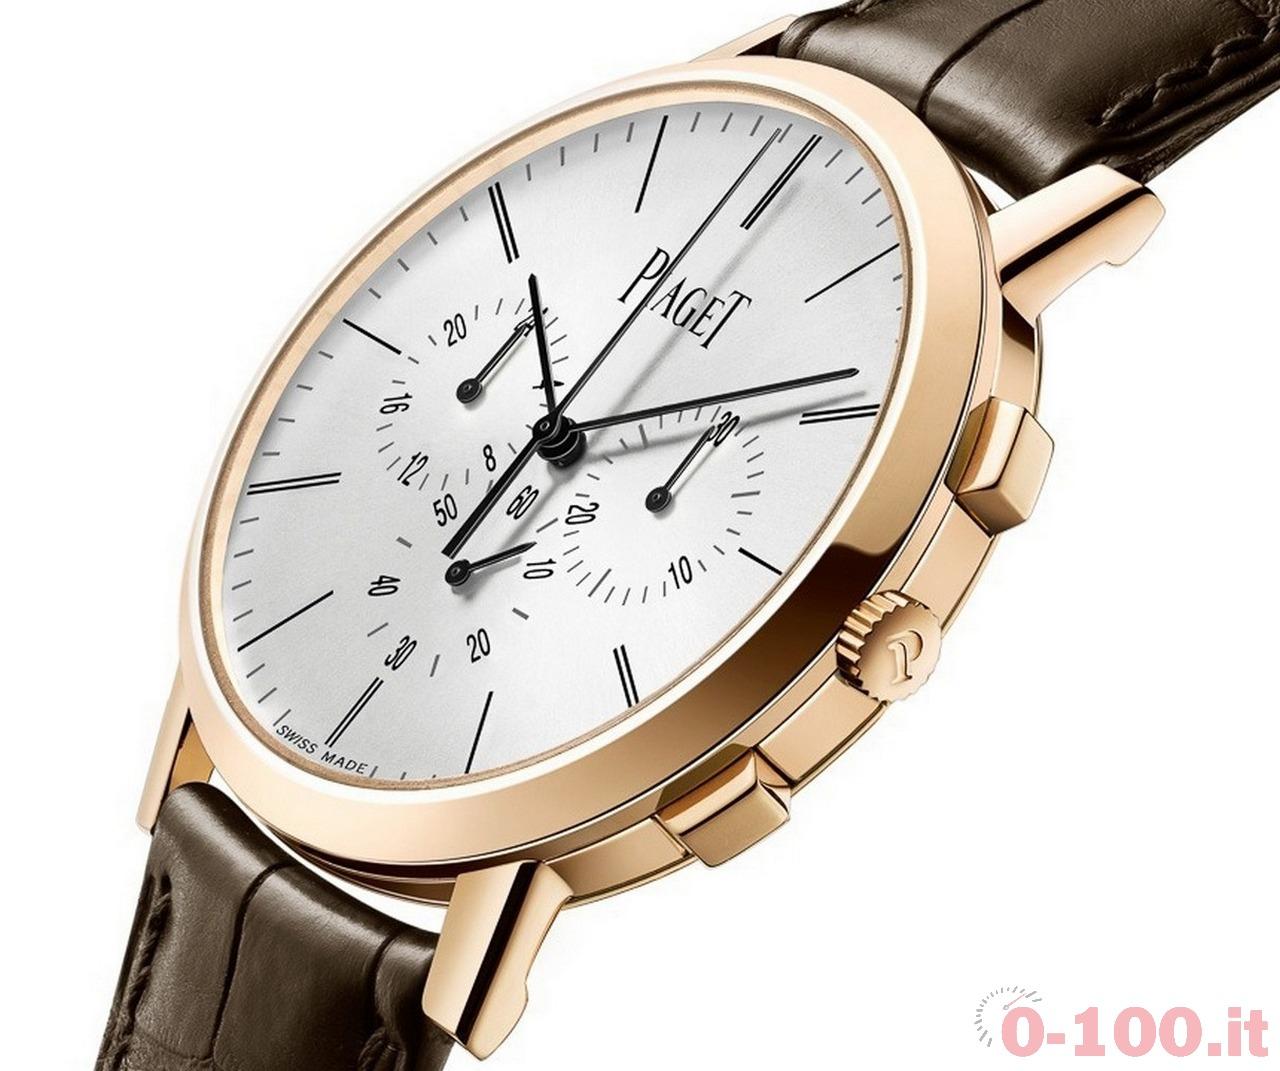 anteprima-sihh-2015-il-nuovo-piaget-altiplano-chronograph-prezzo-price_0-100_2